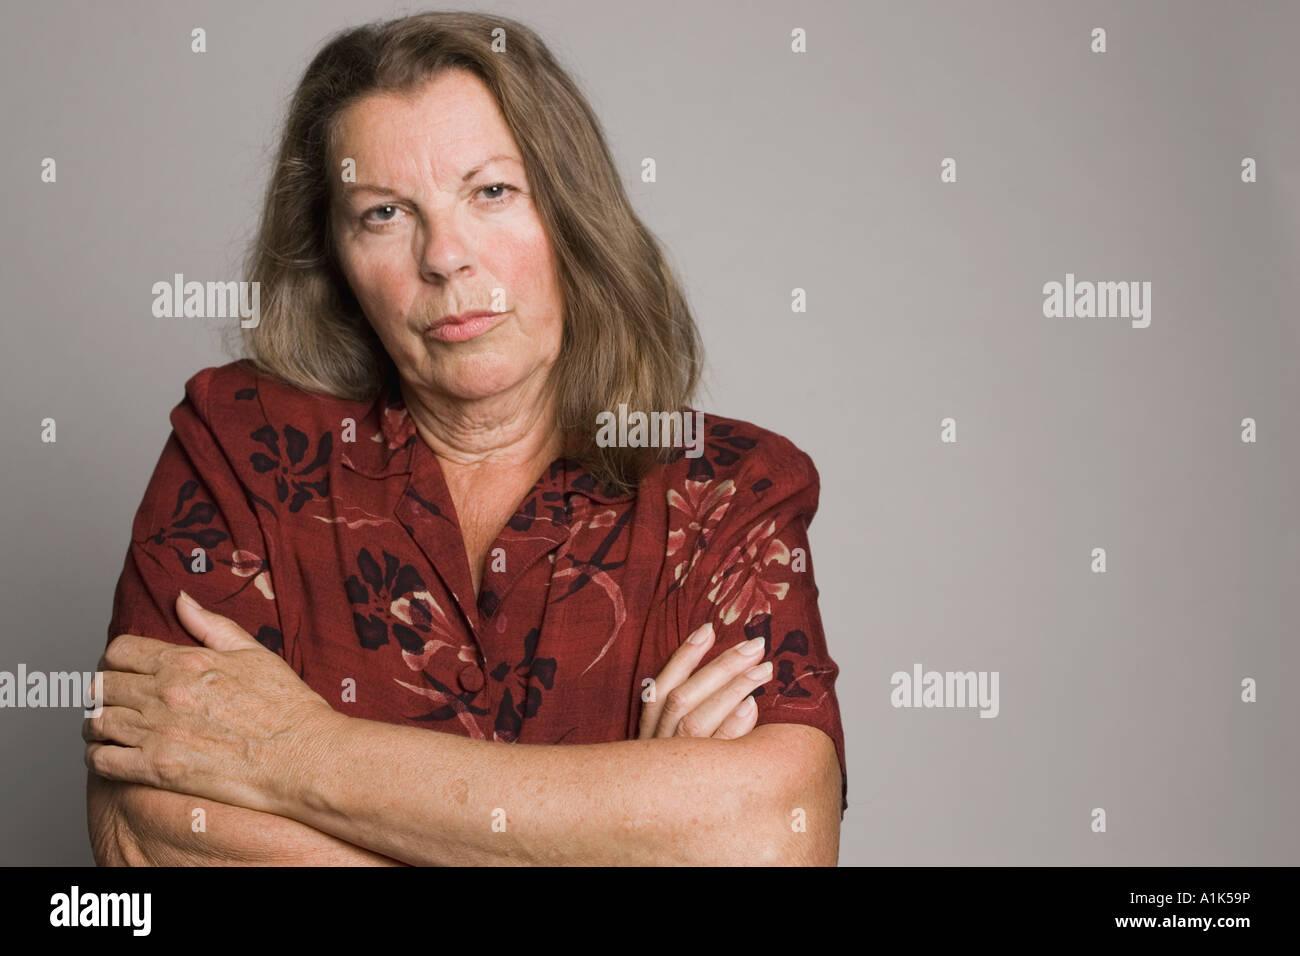 b19da9f08ad2 Portraits of a mature caucasian woman in the studio Stock Photo ...